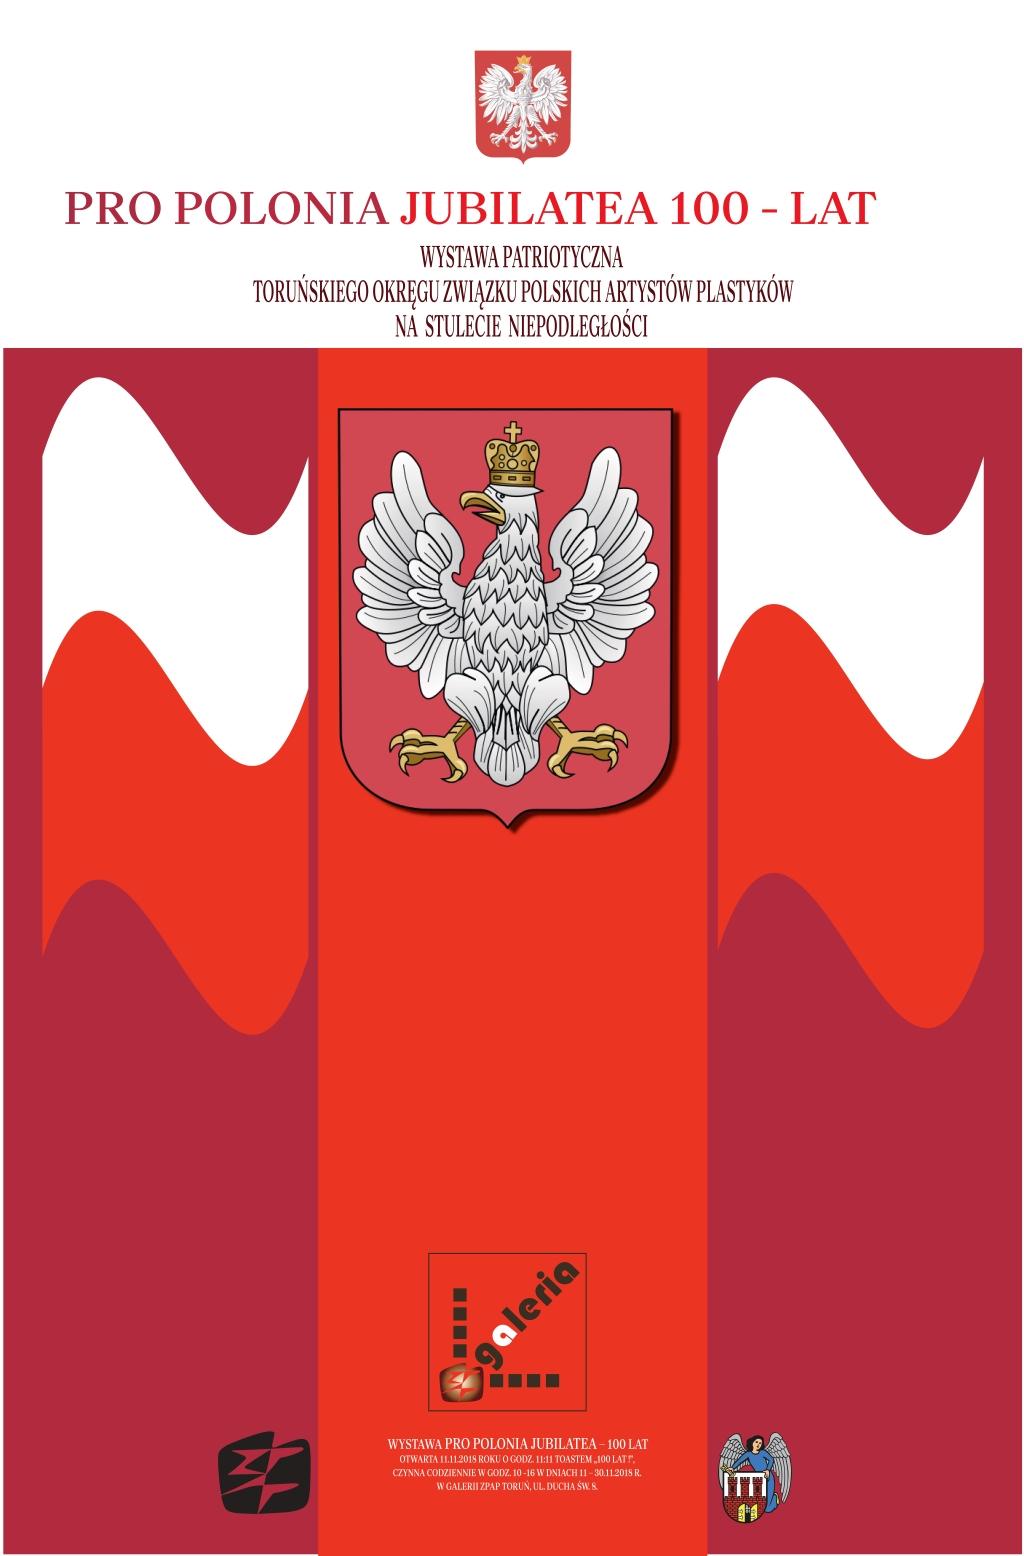 Zapraszamy na wystawę 'Pro Polonia Jubilatea – 100 lat'